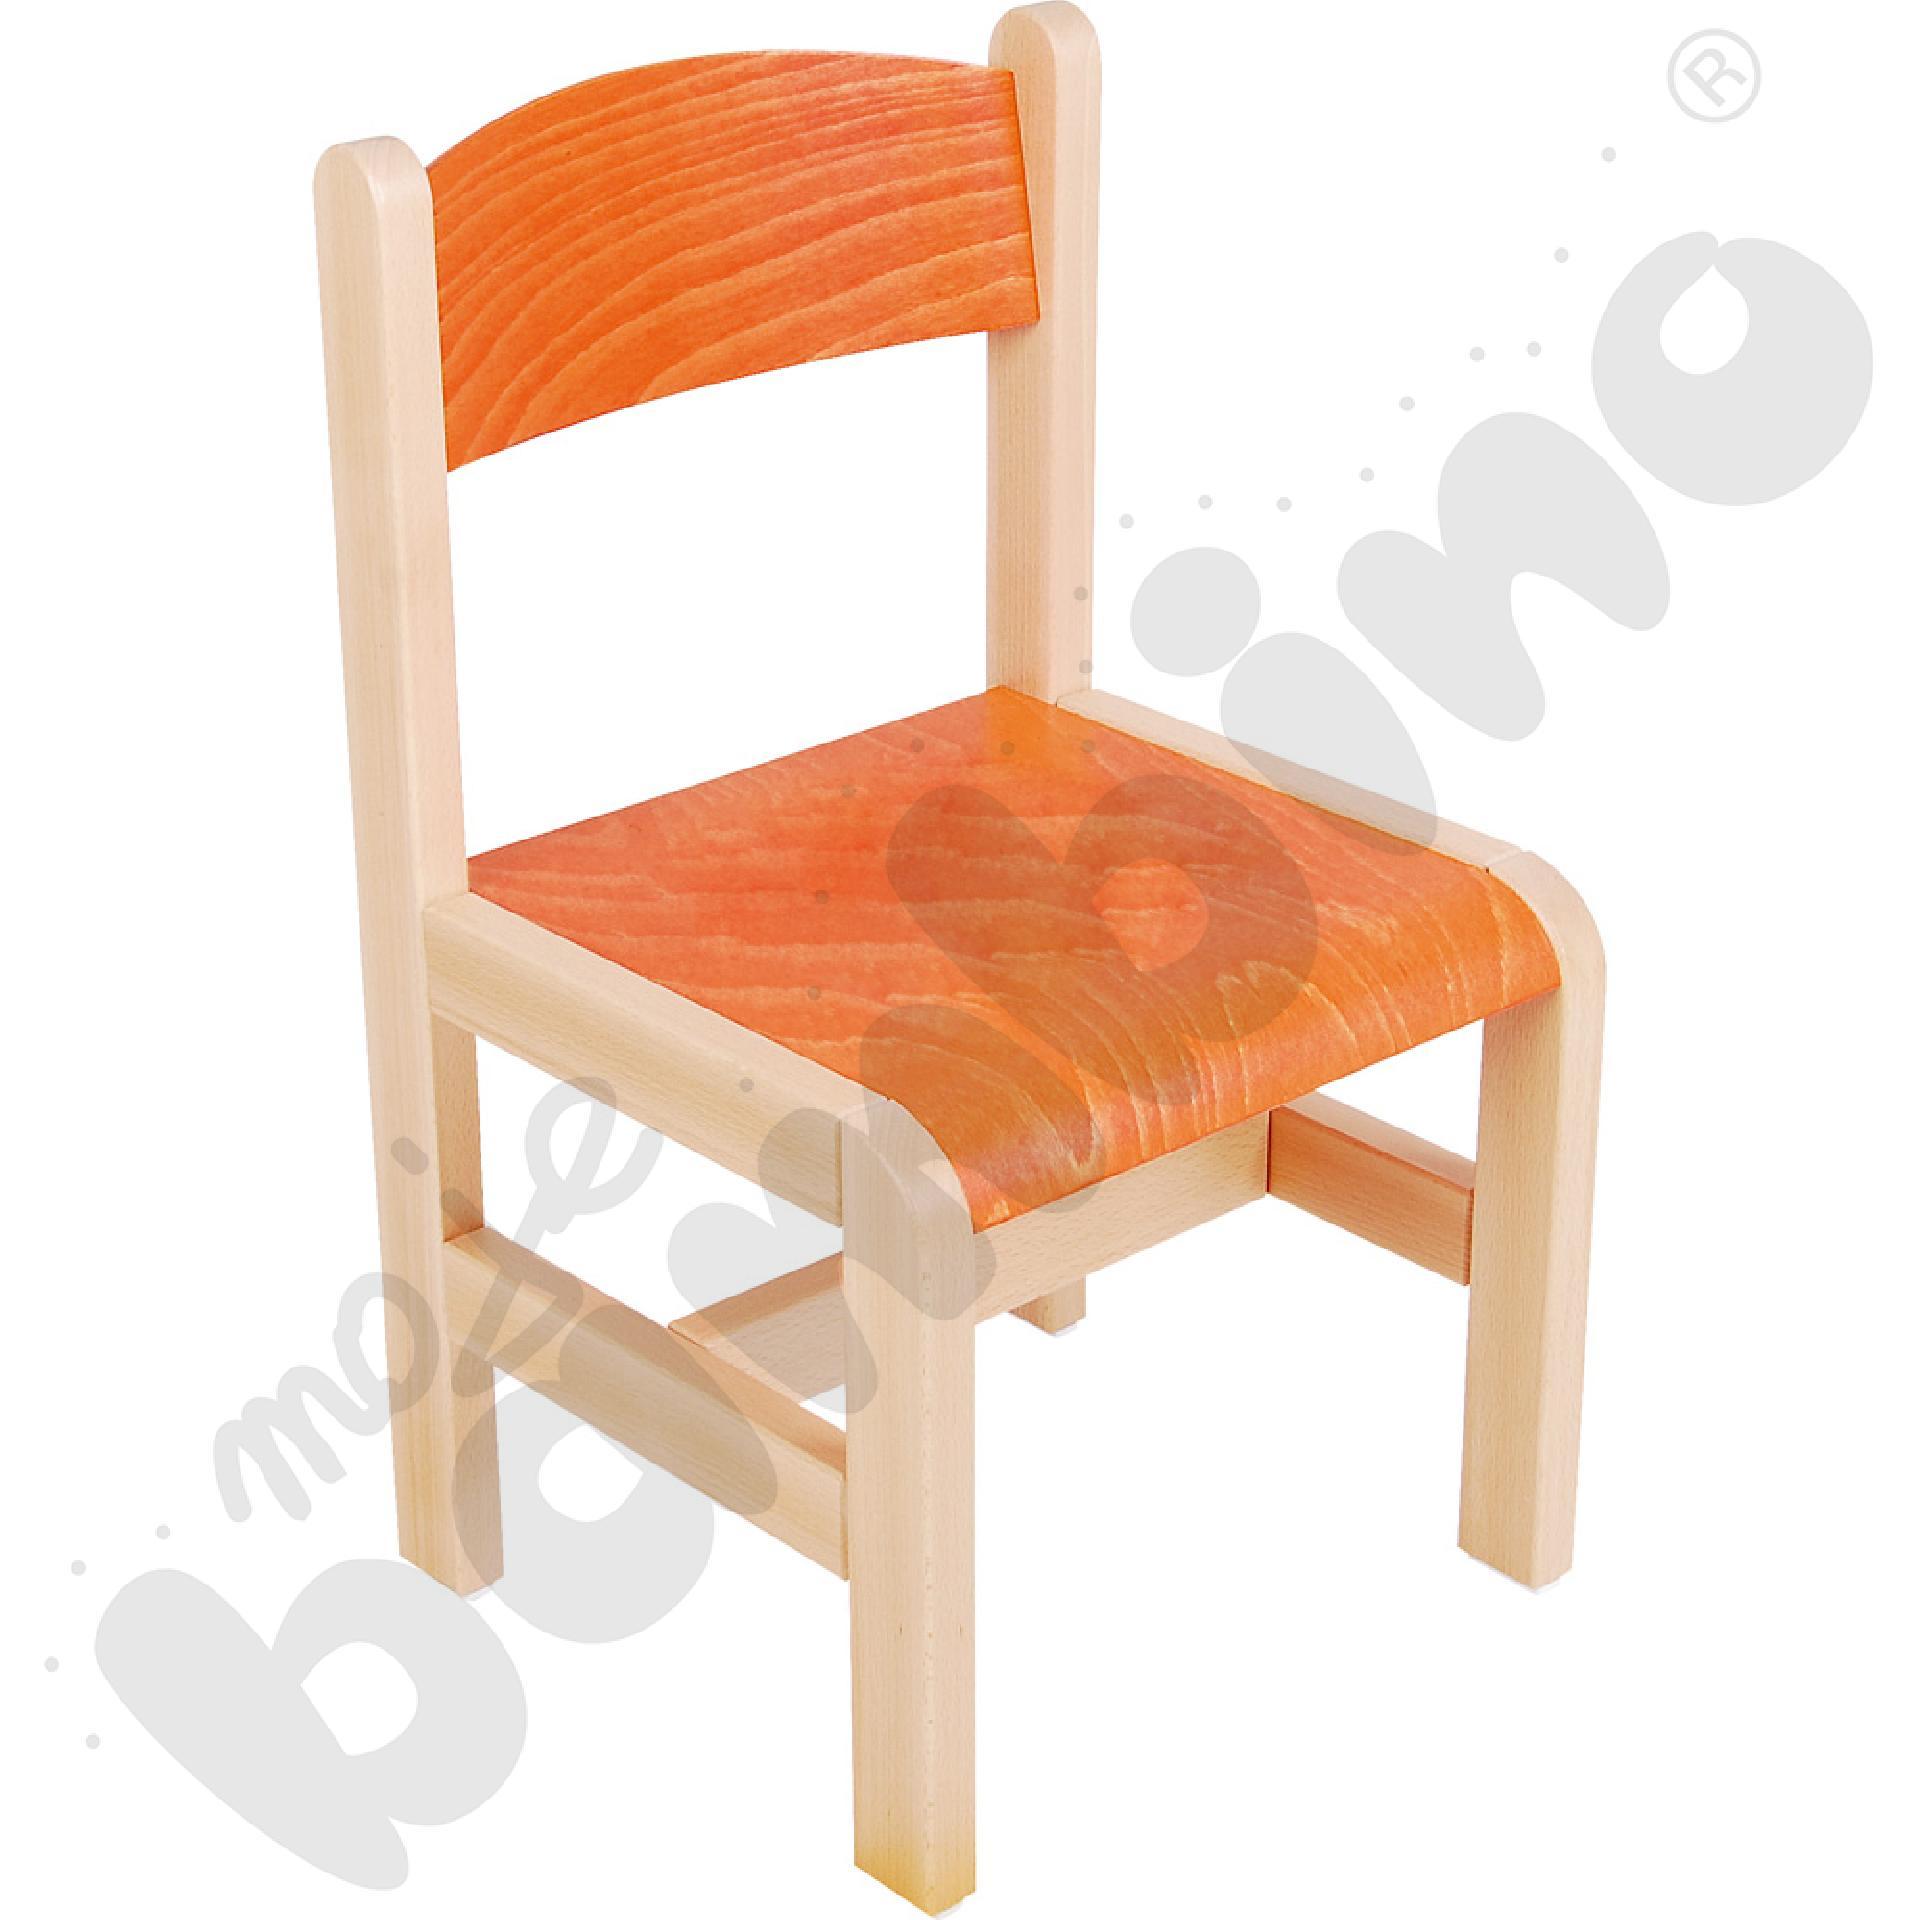 Krzesło drewniane pomarańczowe ze stopką filcową rozm. 2